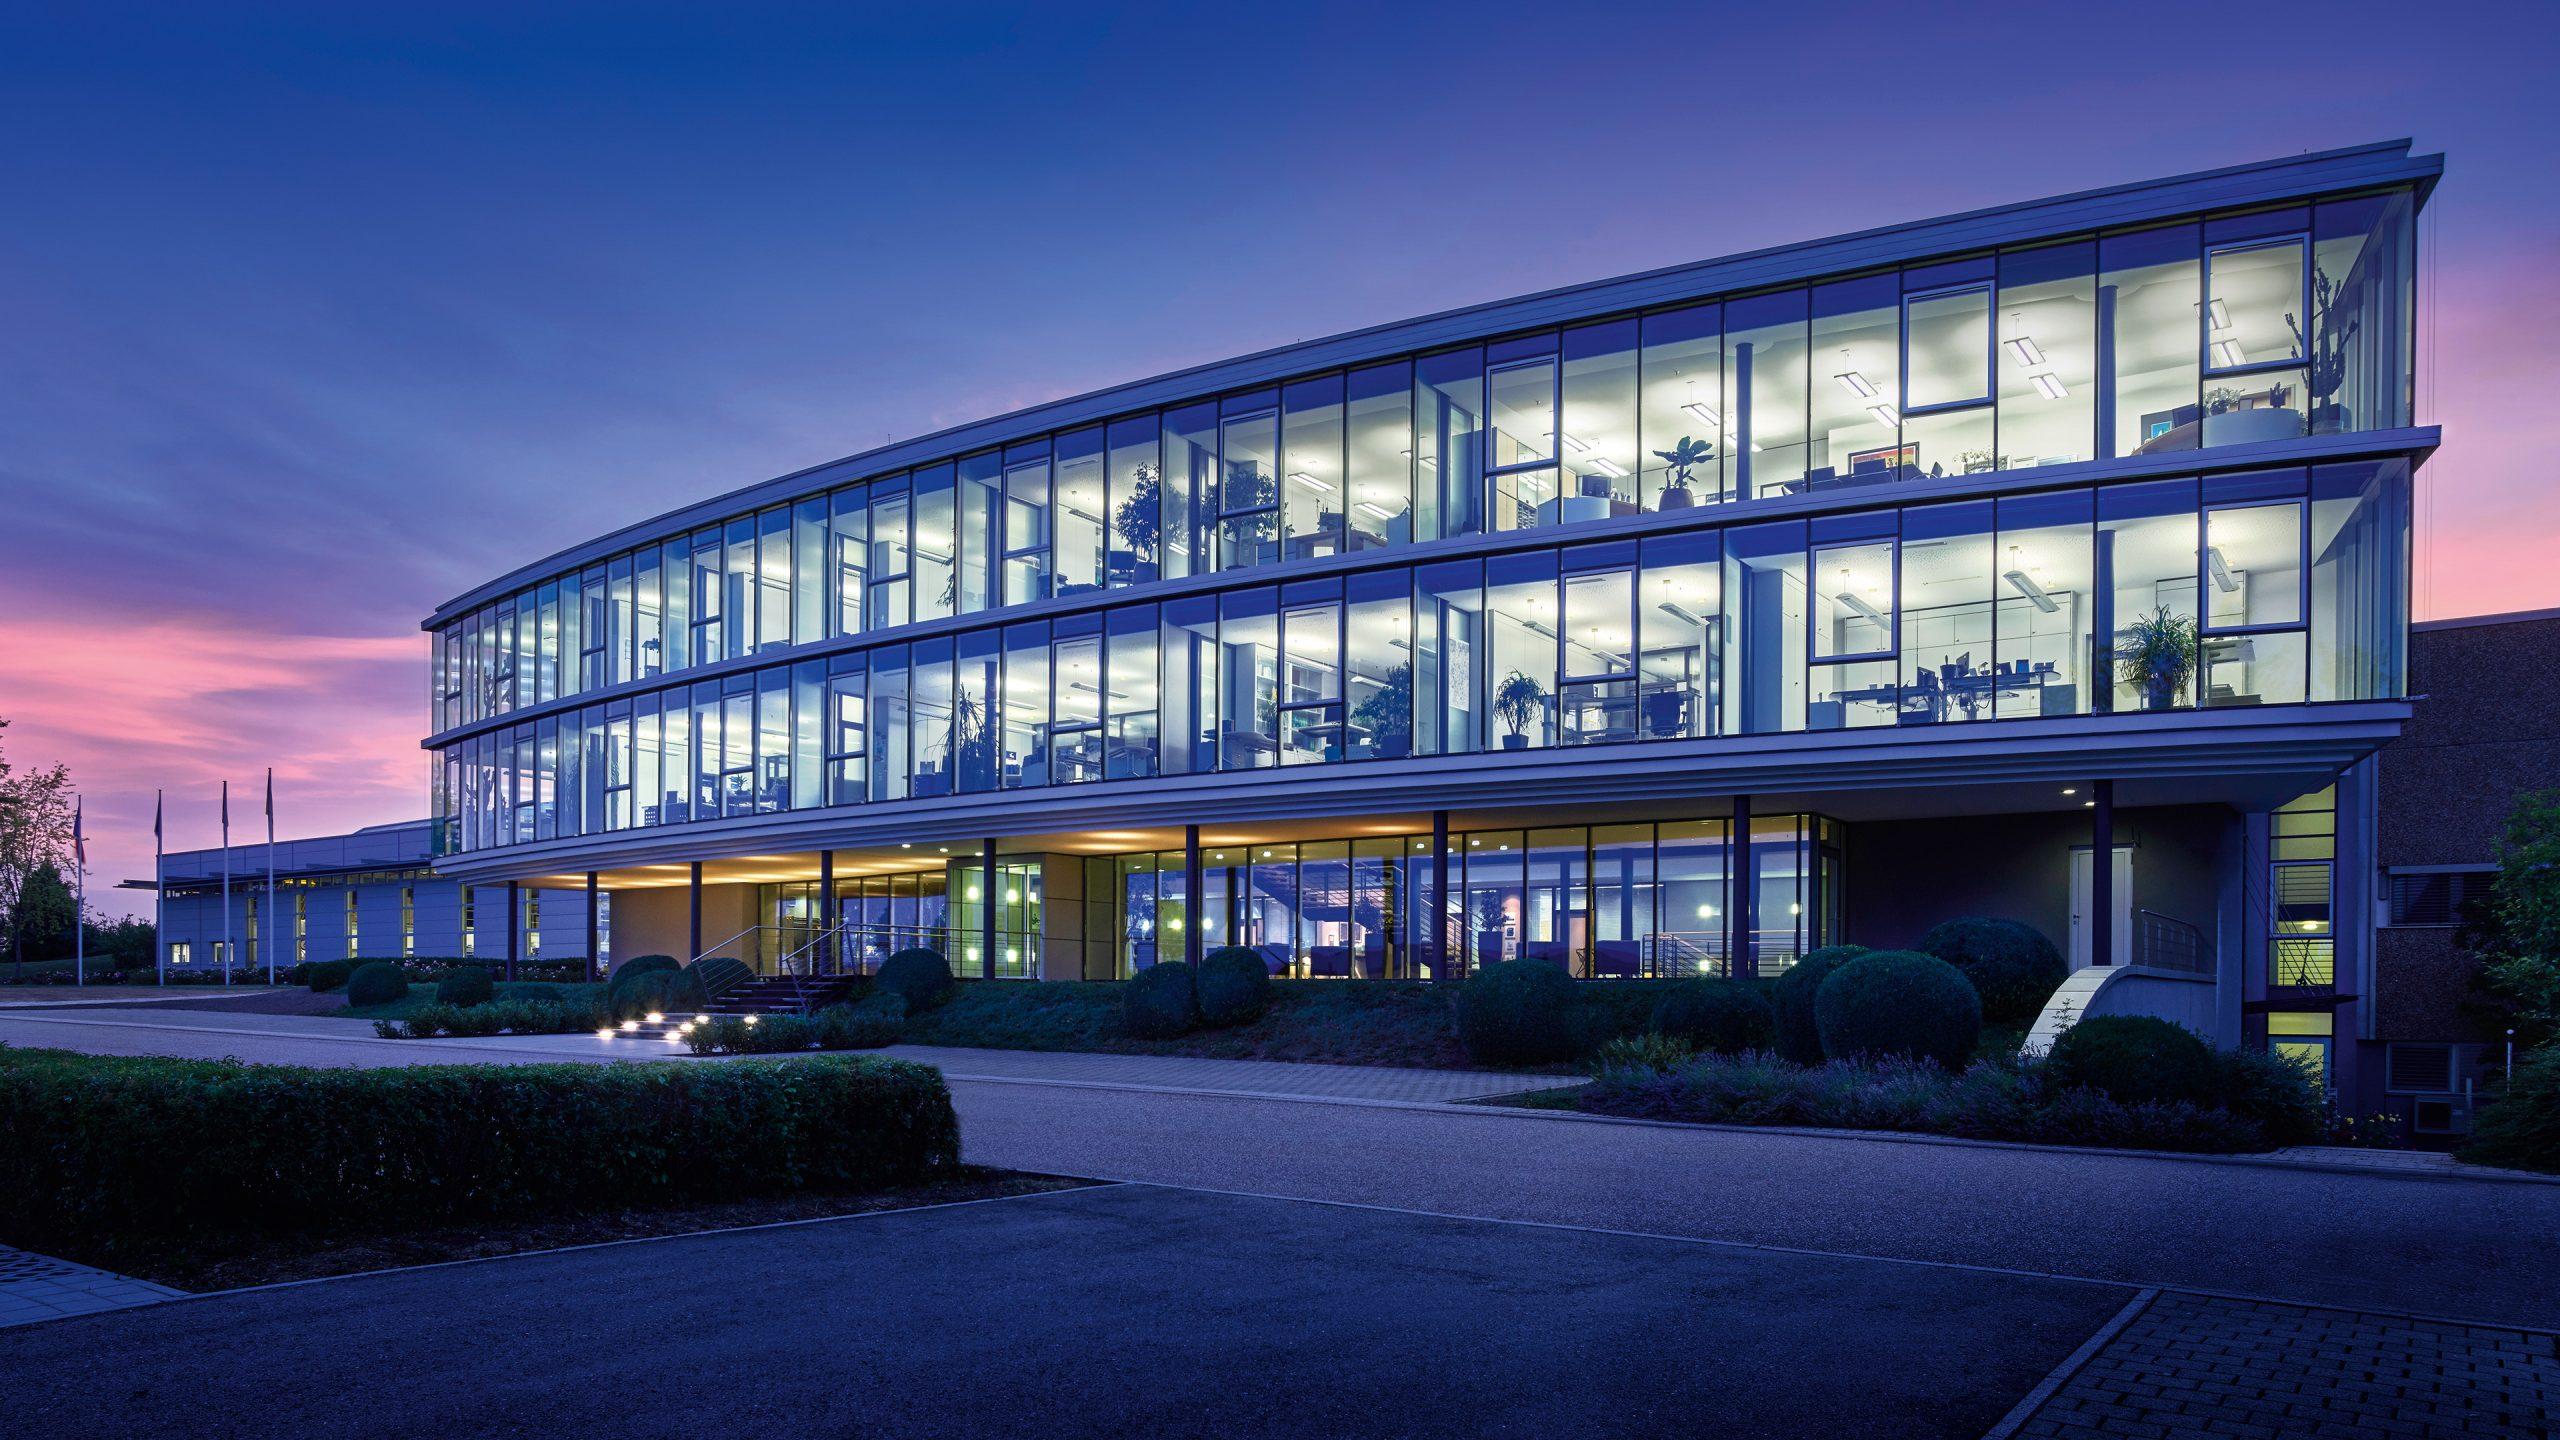 HEINRICH KIPP WERK GmbH & Co. KG